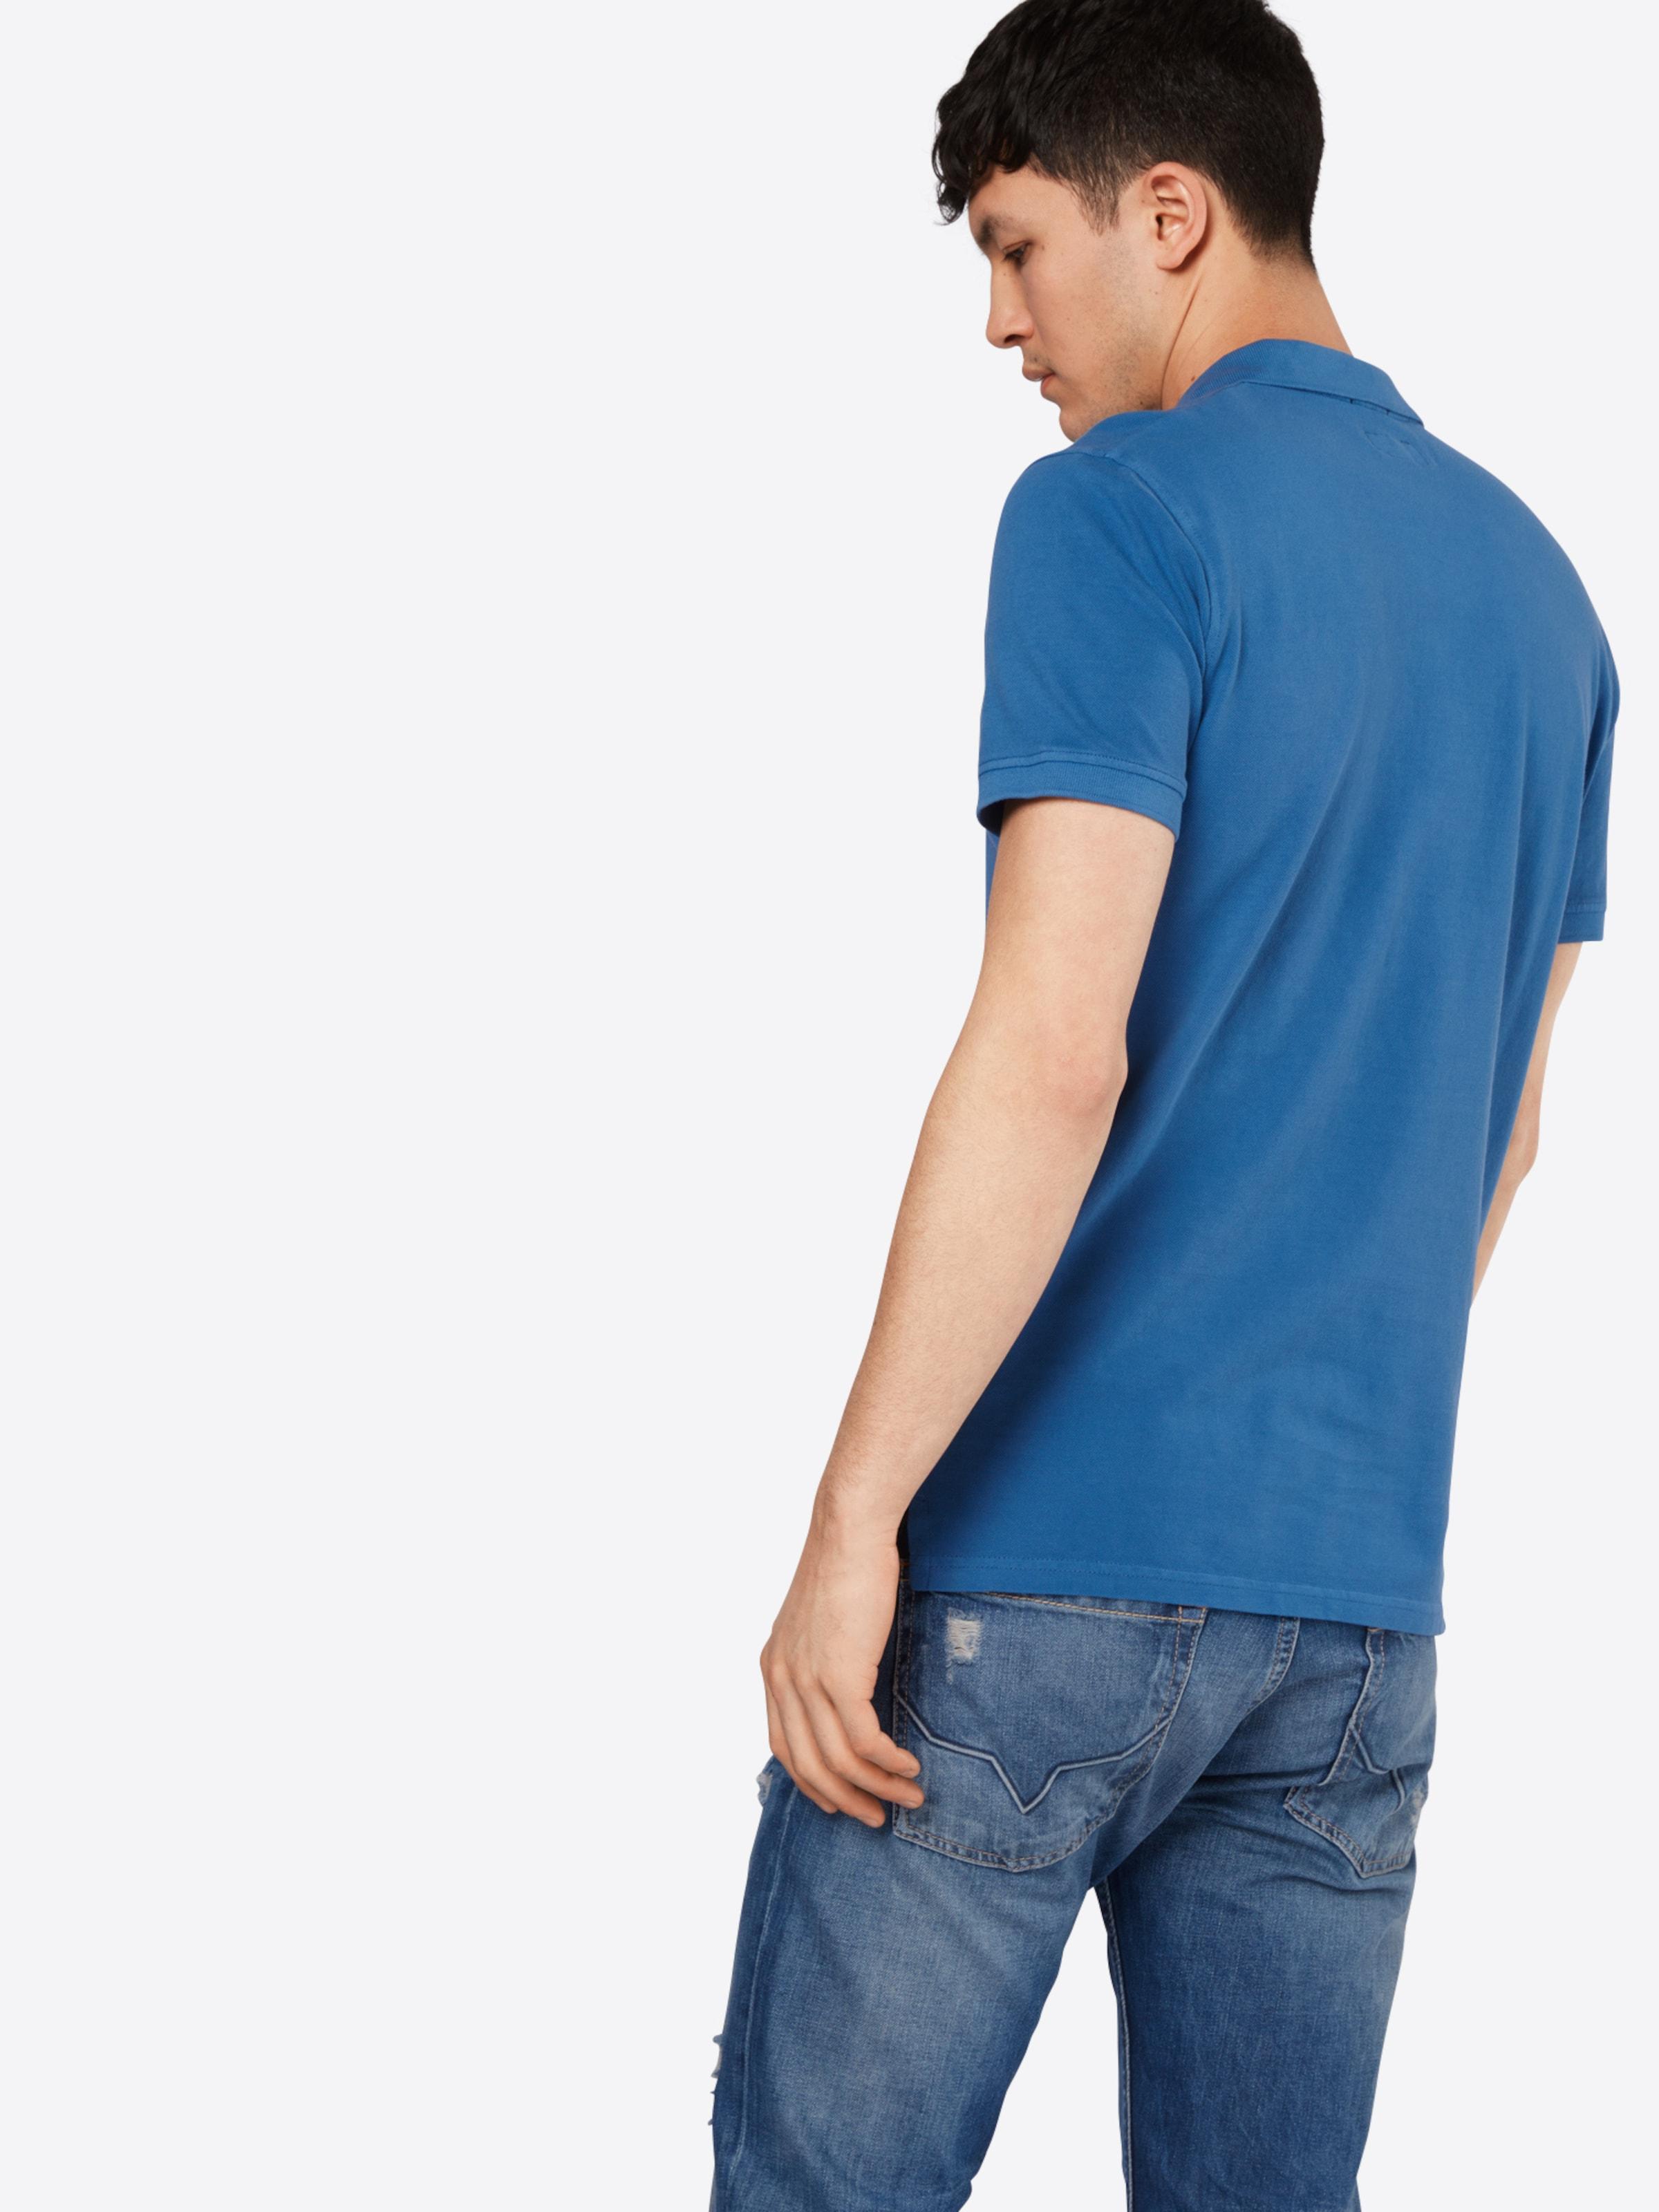 Spielraum Ebay Pepe Jeans Poloshirt 'GUSTAV' 2018 Online-Verkauf Günstigstener Preis Günstiger Preis Freies Verschiffen Outlet-Store Günstig Kaufen Neueste ceSk9we2A